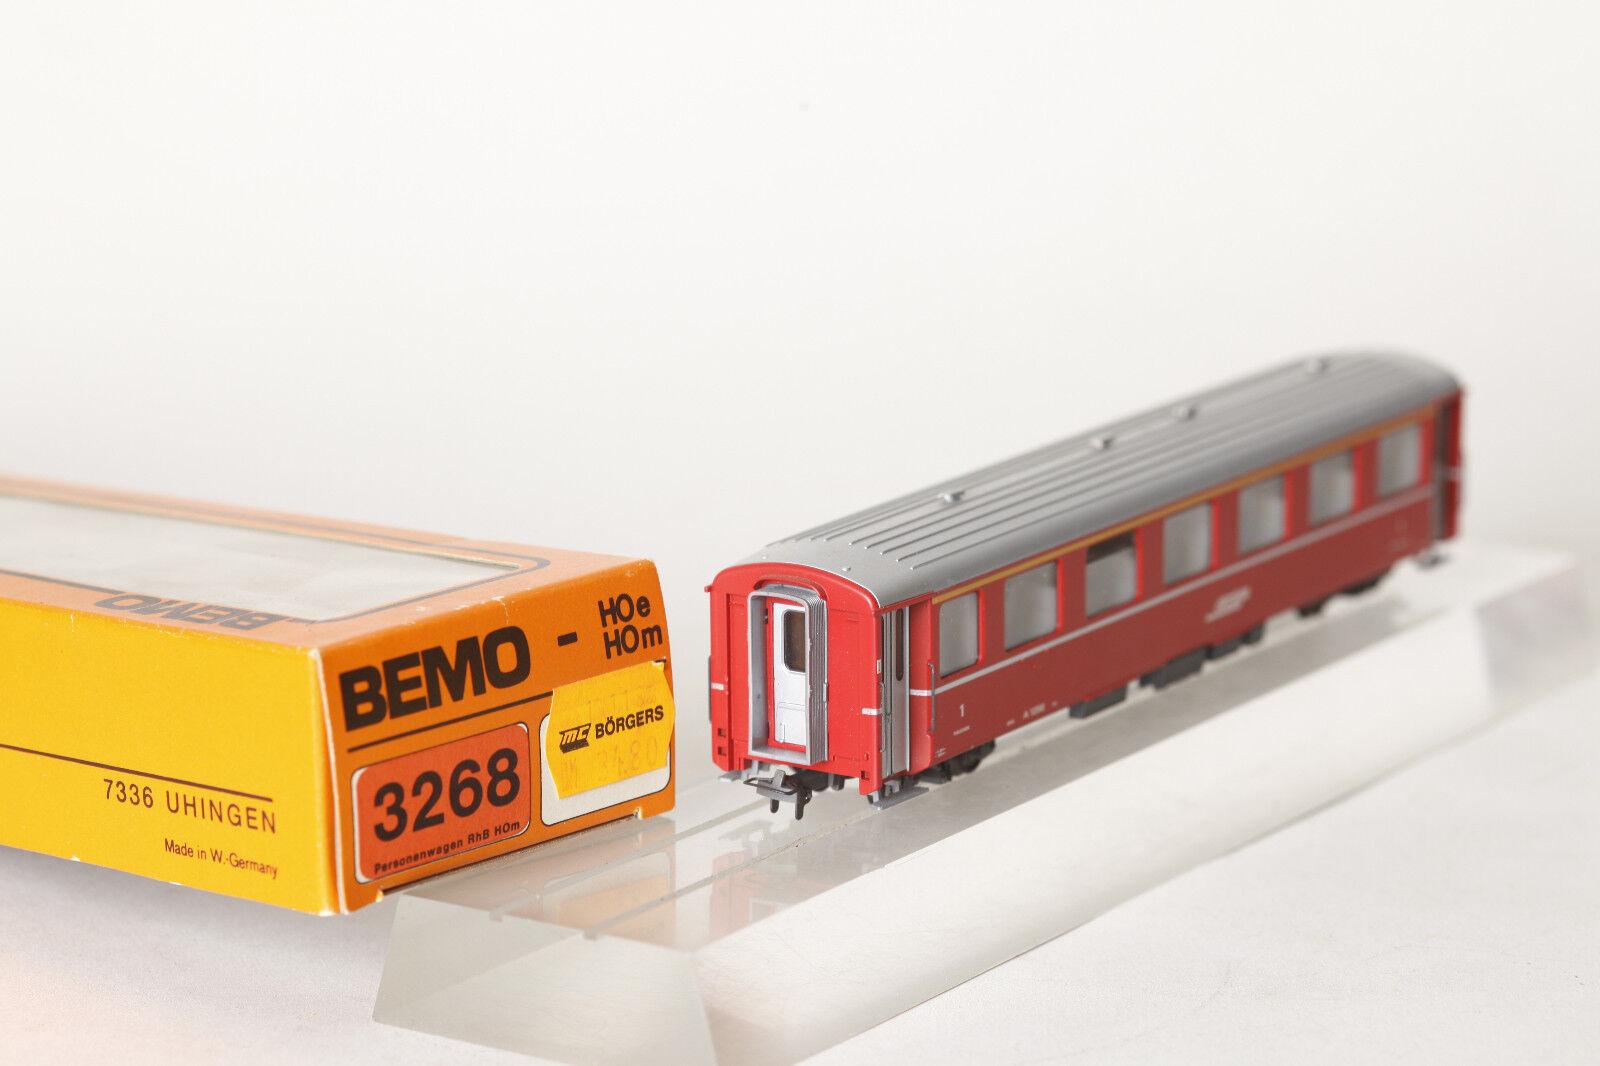 Bemo h0m 3268 RhB RHäTISCHE BAHN a 1256 Red 1. class (71659)